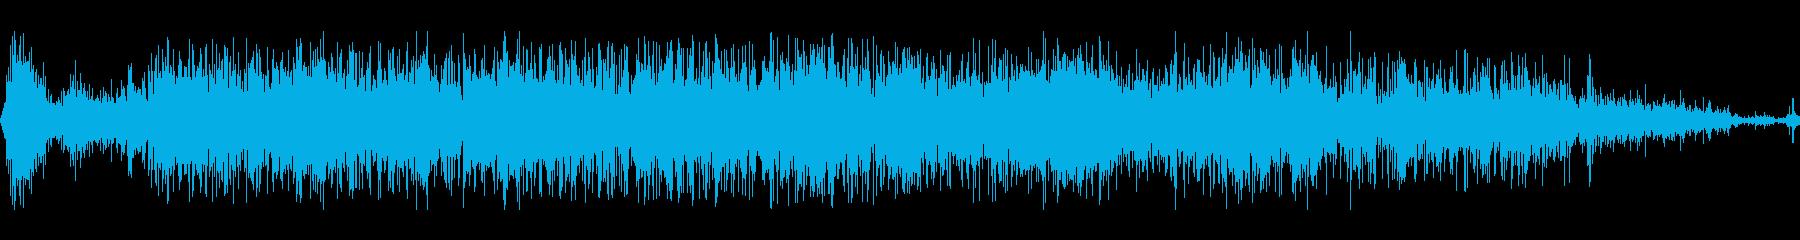 ズザーッと押し戻される(足で踏ん張る)の再生済みの波形